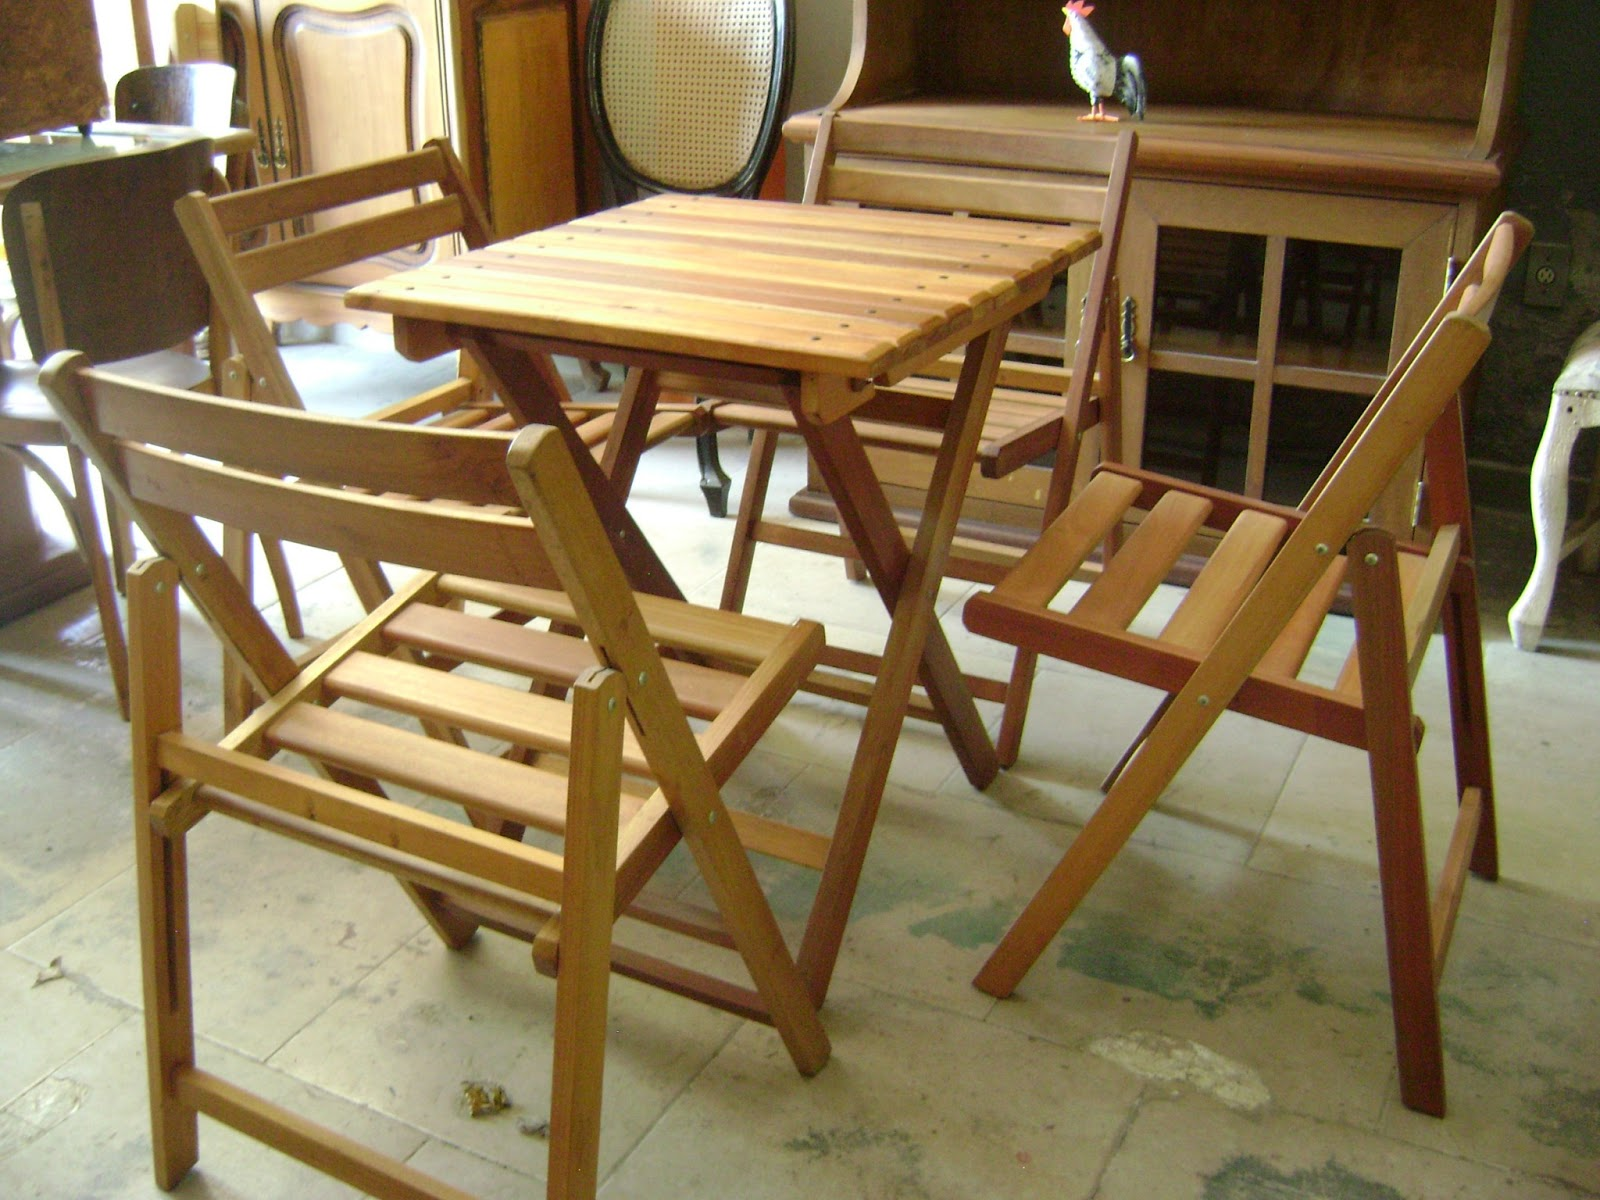 Mesas e cadeiras Portões de Madeira Maricá Móveis Maricá  #6A441D 1600x1200